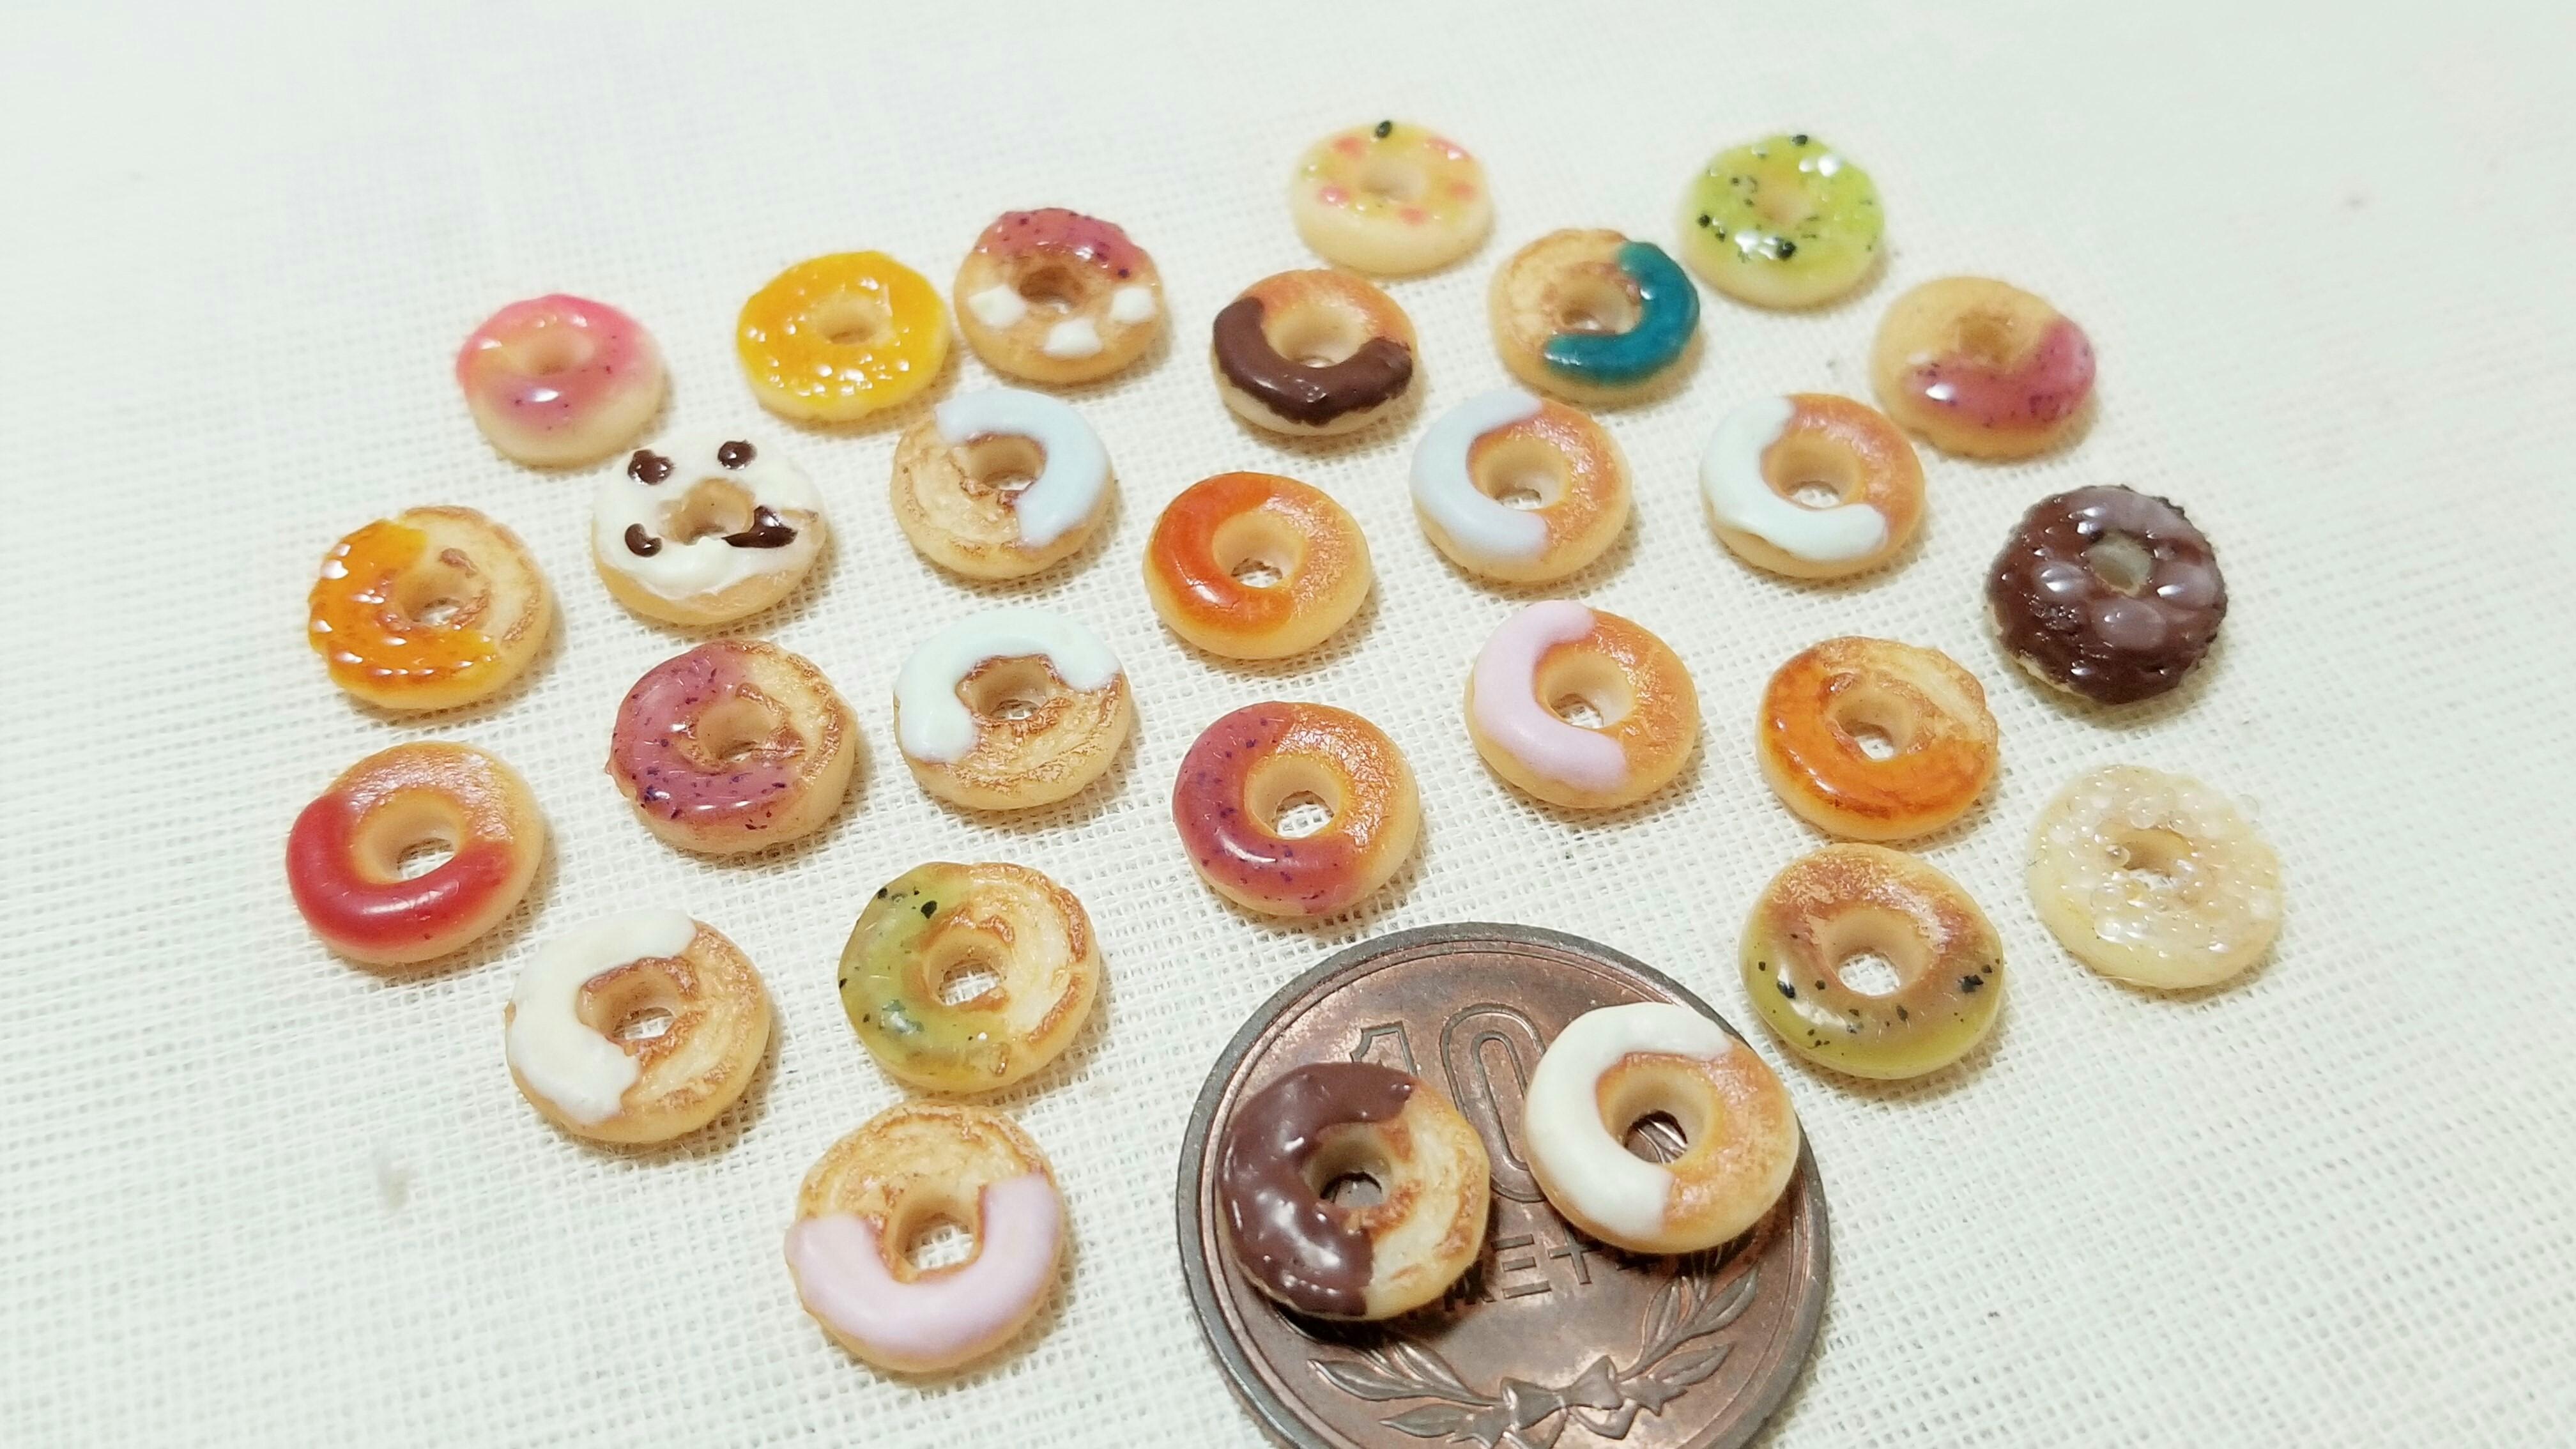 リアルな食品サンプルミニチュア写真画像かわいいお菓子スイーツ販売